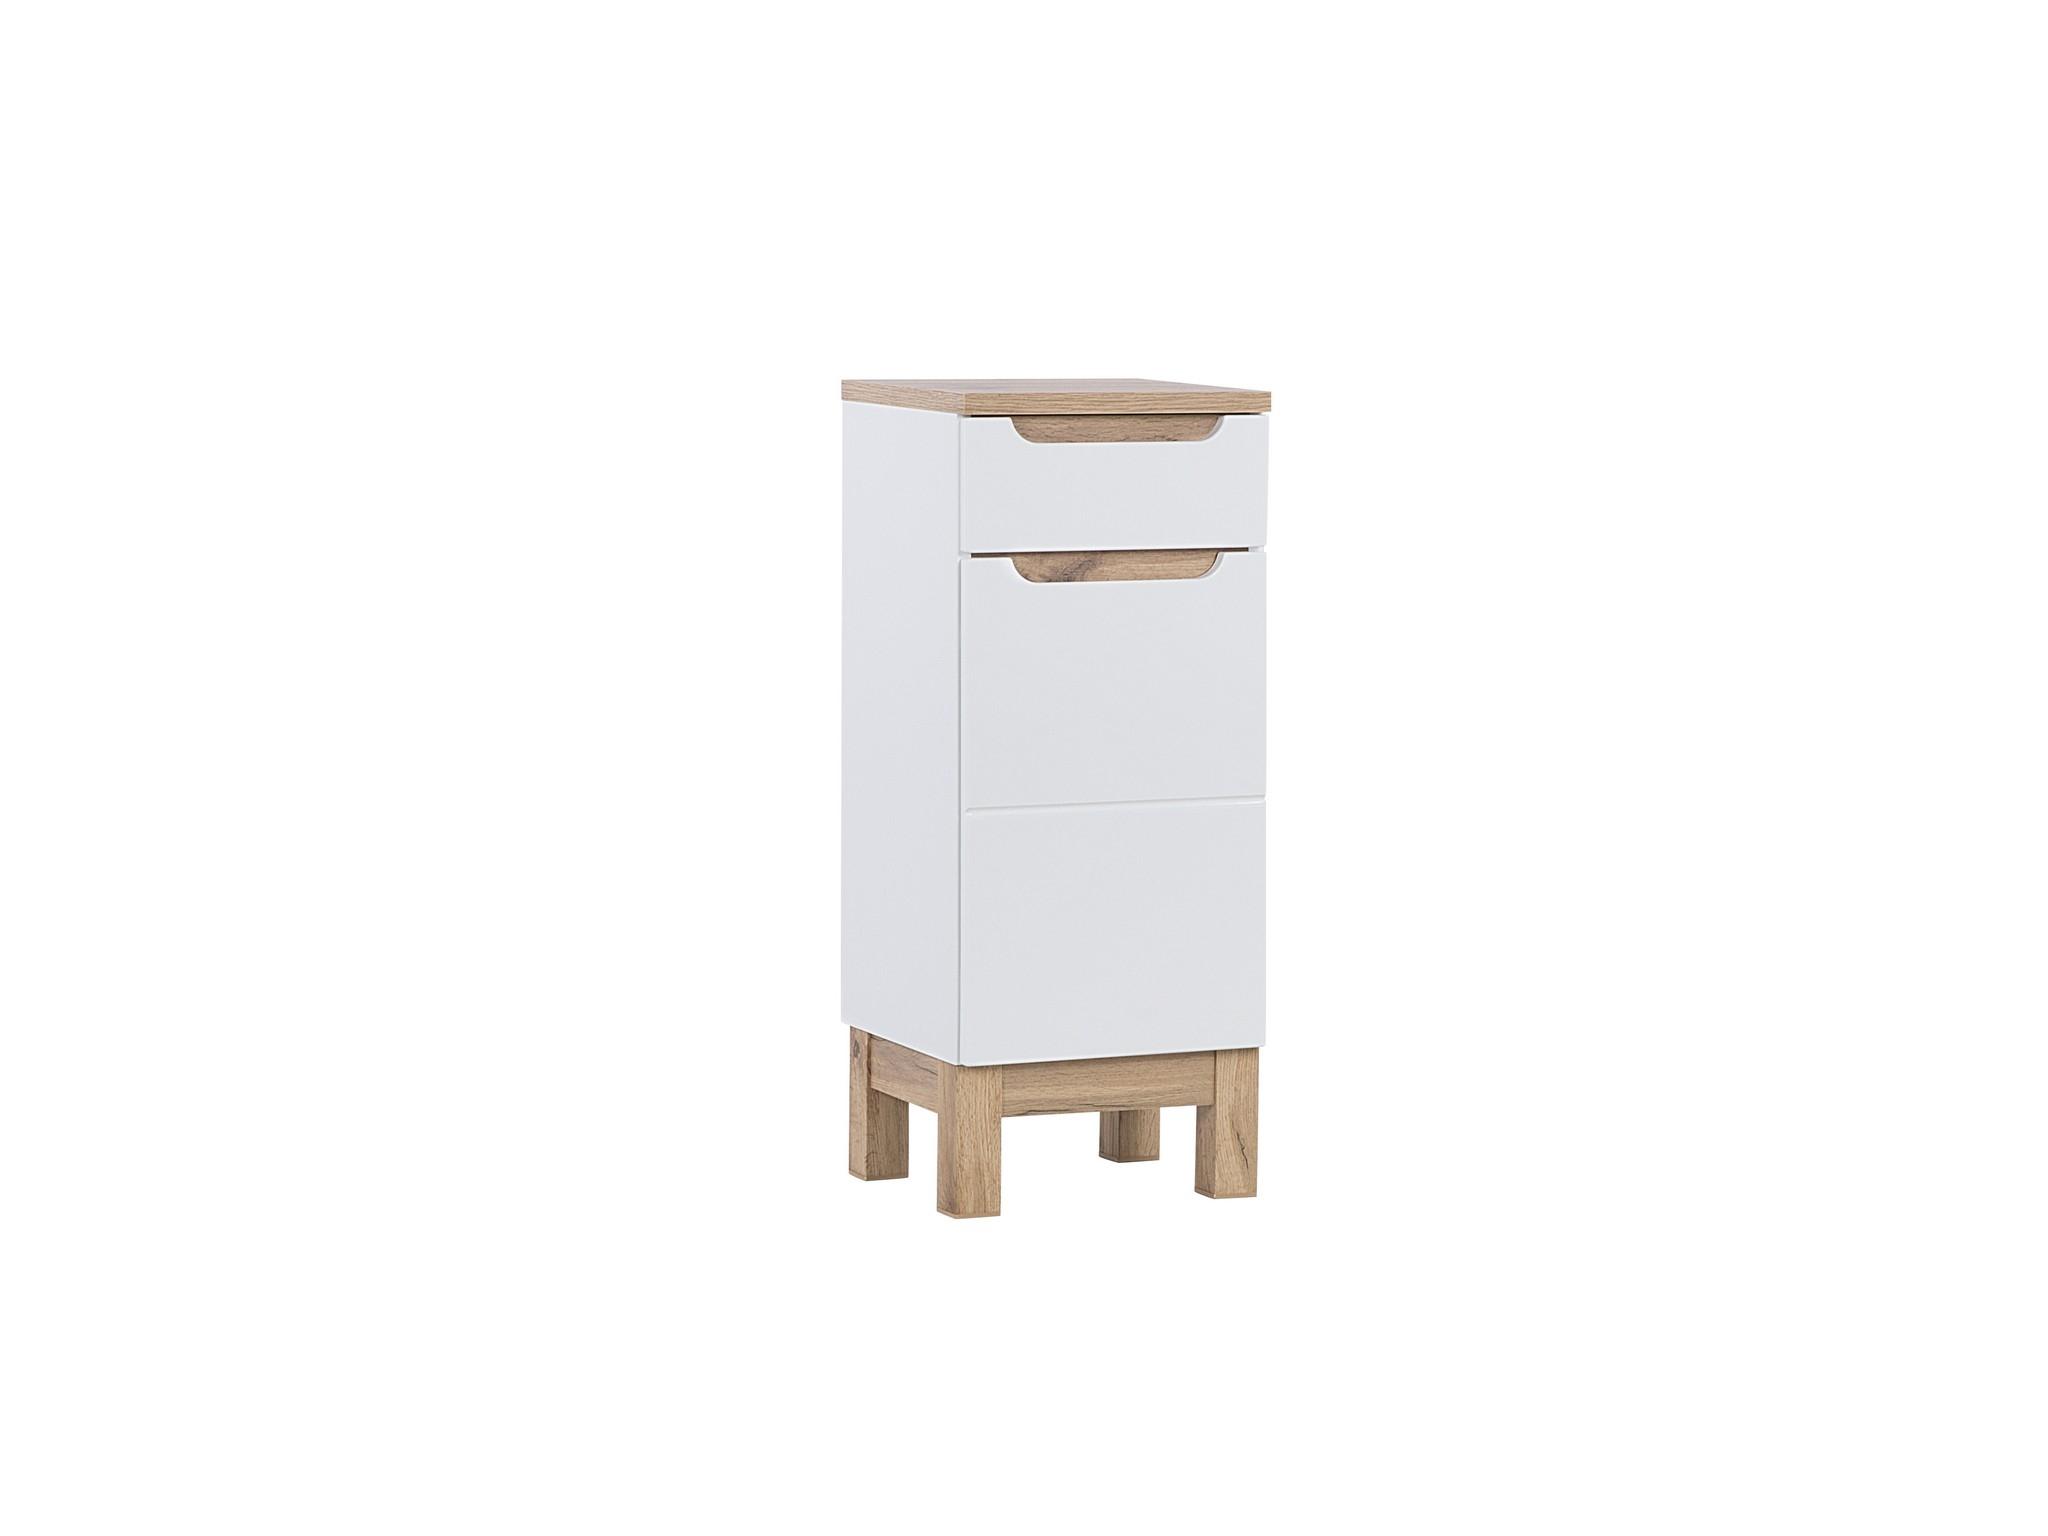 Dulap baie cu 1 usa si 1 sertar, Bali White, l35xA33xH86 cm imagine